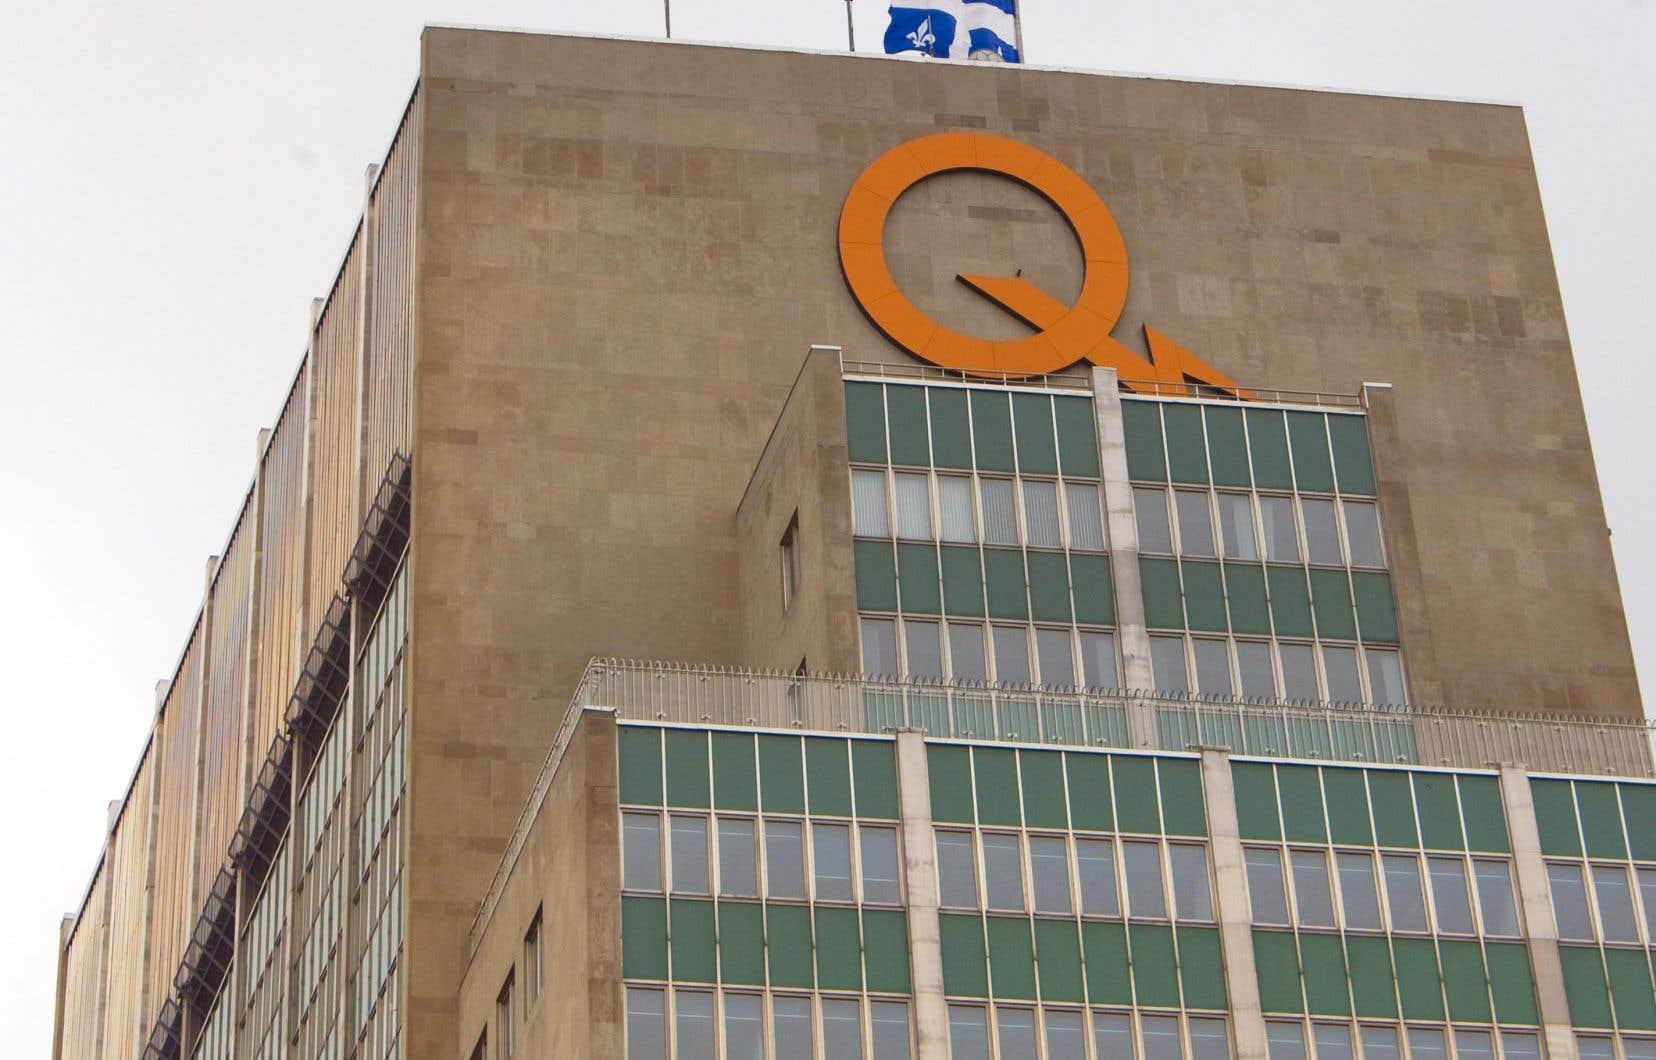 Hydro-Québec explique que ces décisions ont été prises après l'adoption samedi de la Loi visant à simplifier le processus d'établissement des tarifs de distribution d'électricité.